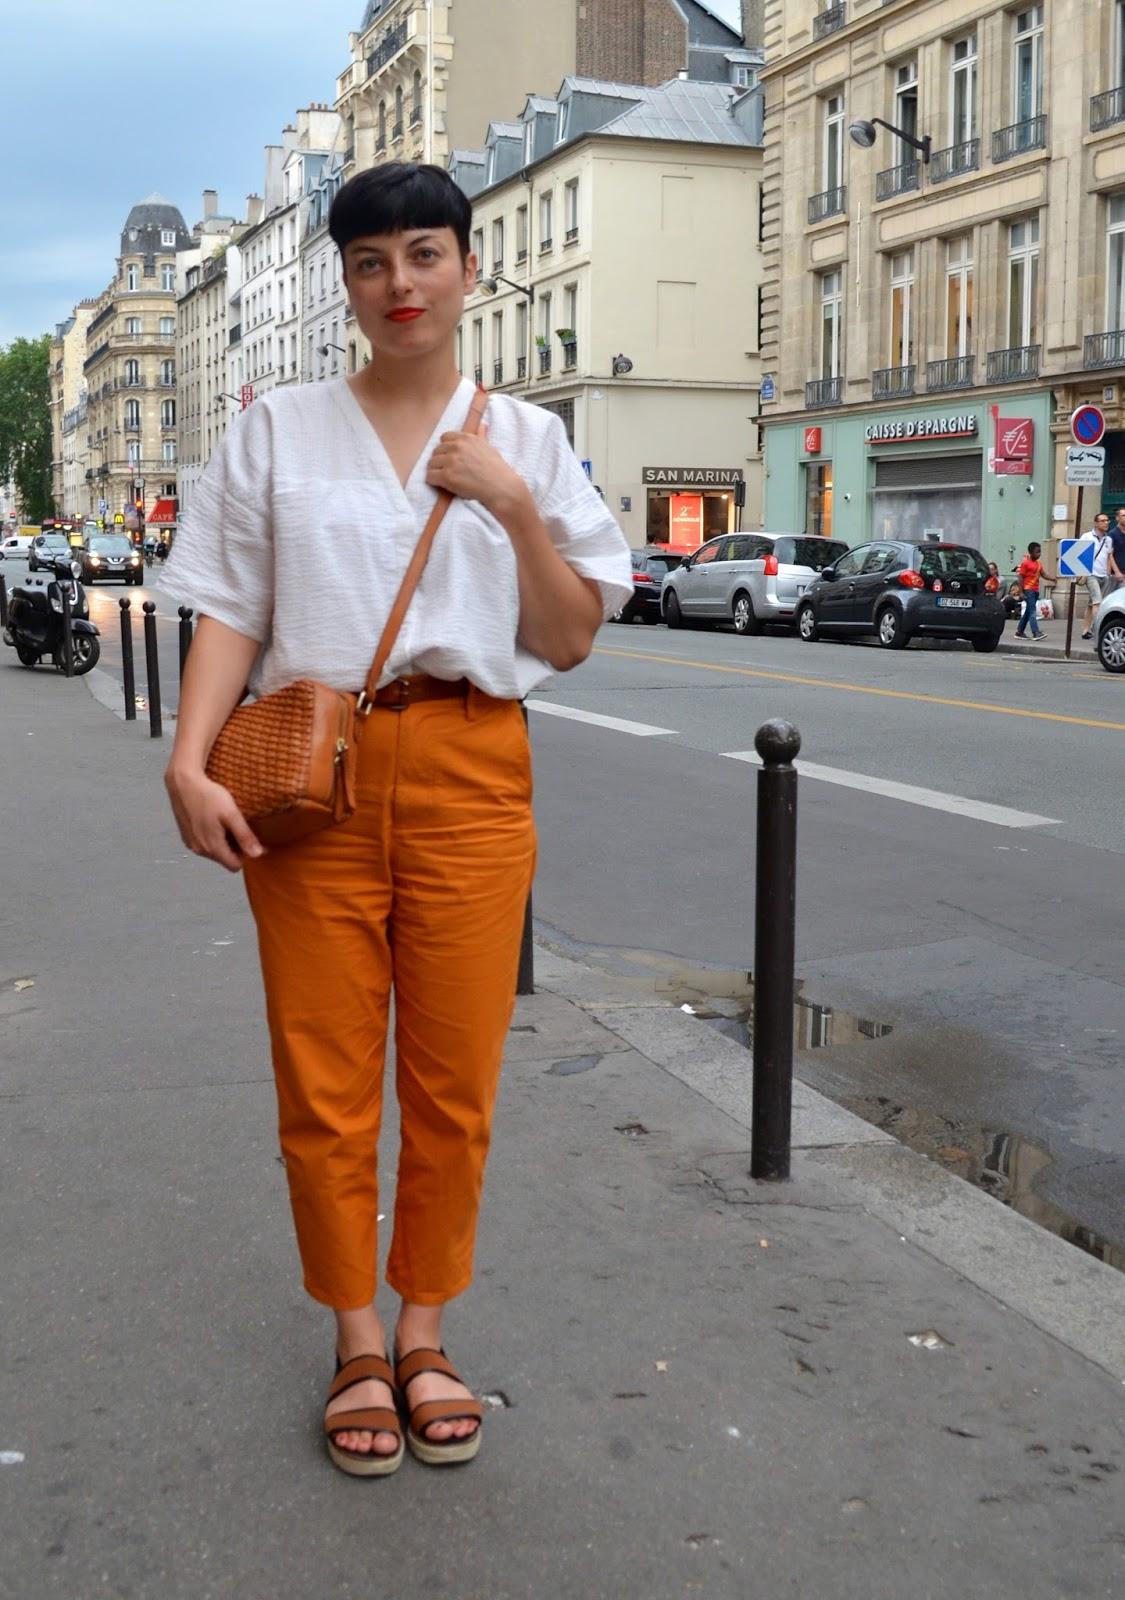 Radiant paris rue du faubourg saint antoine 9 juillet - Paris rue du faubourg saint antoine ...